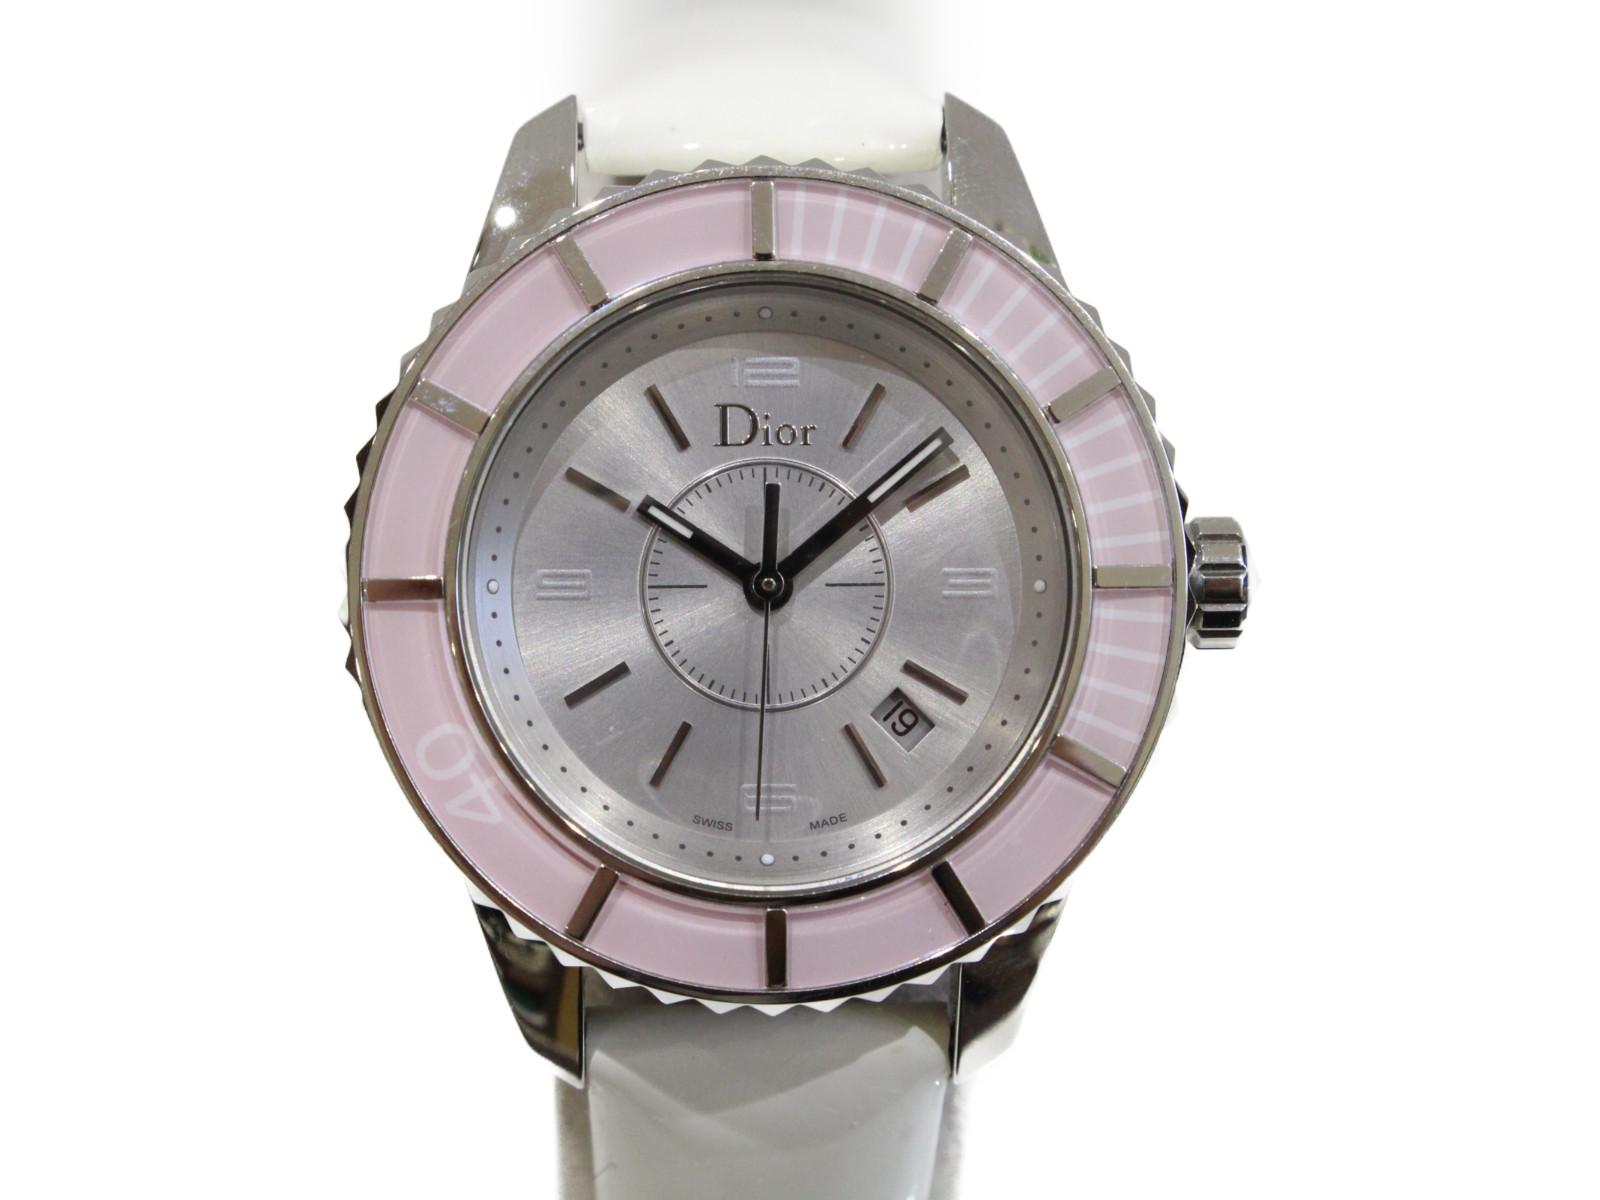 【ギャラ有】DIOR クリスタル CD113114 クオーツ SS ステンレススチール エナメルベルト 50m防水 ピンク シルバー レディース 腕時計【中古】